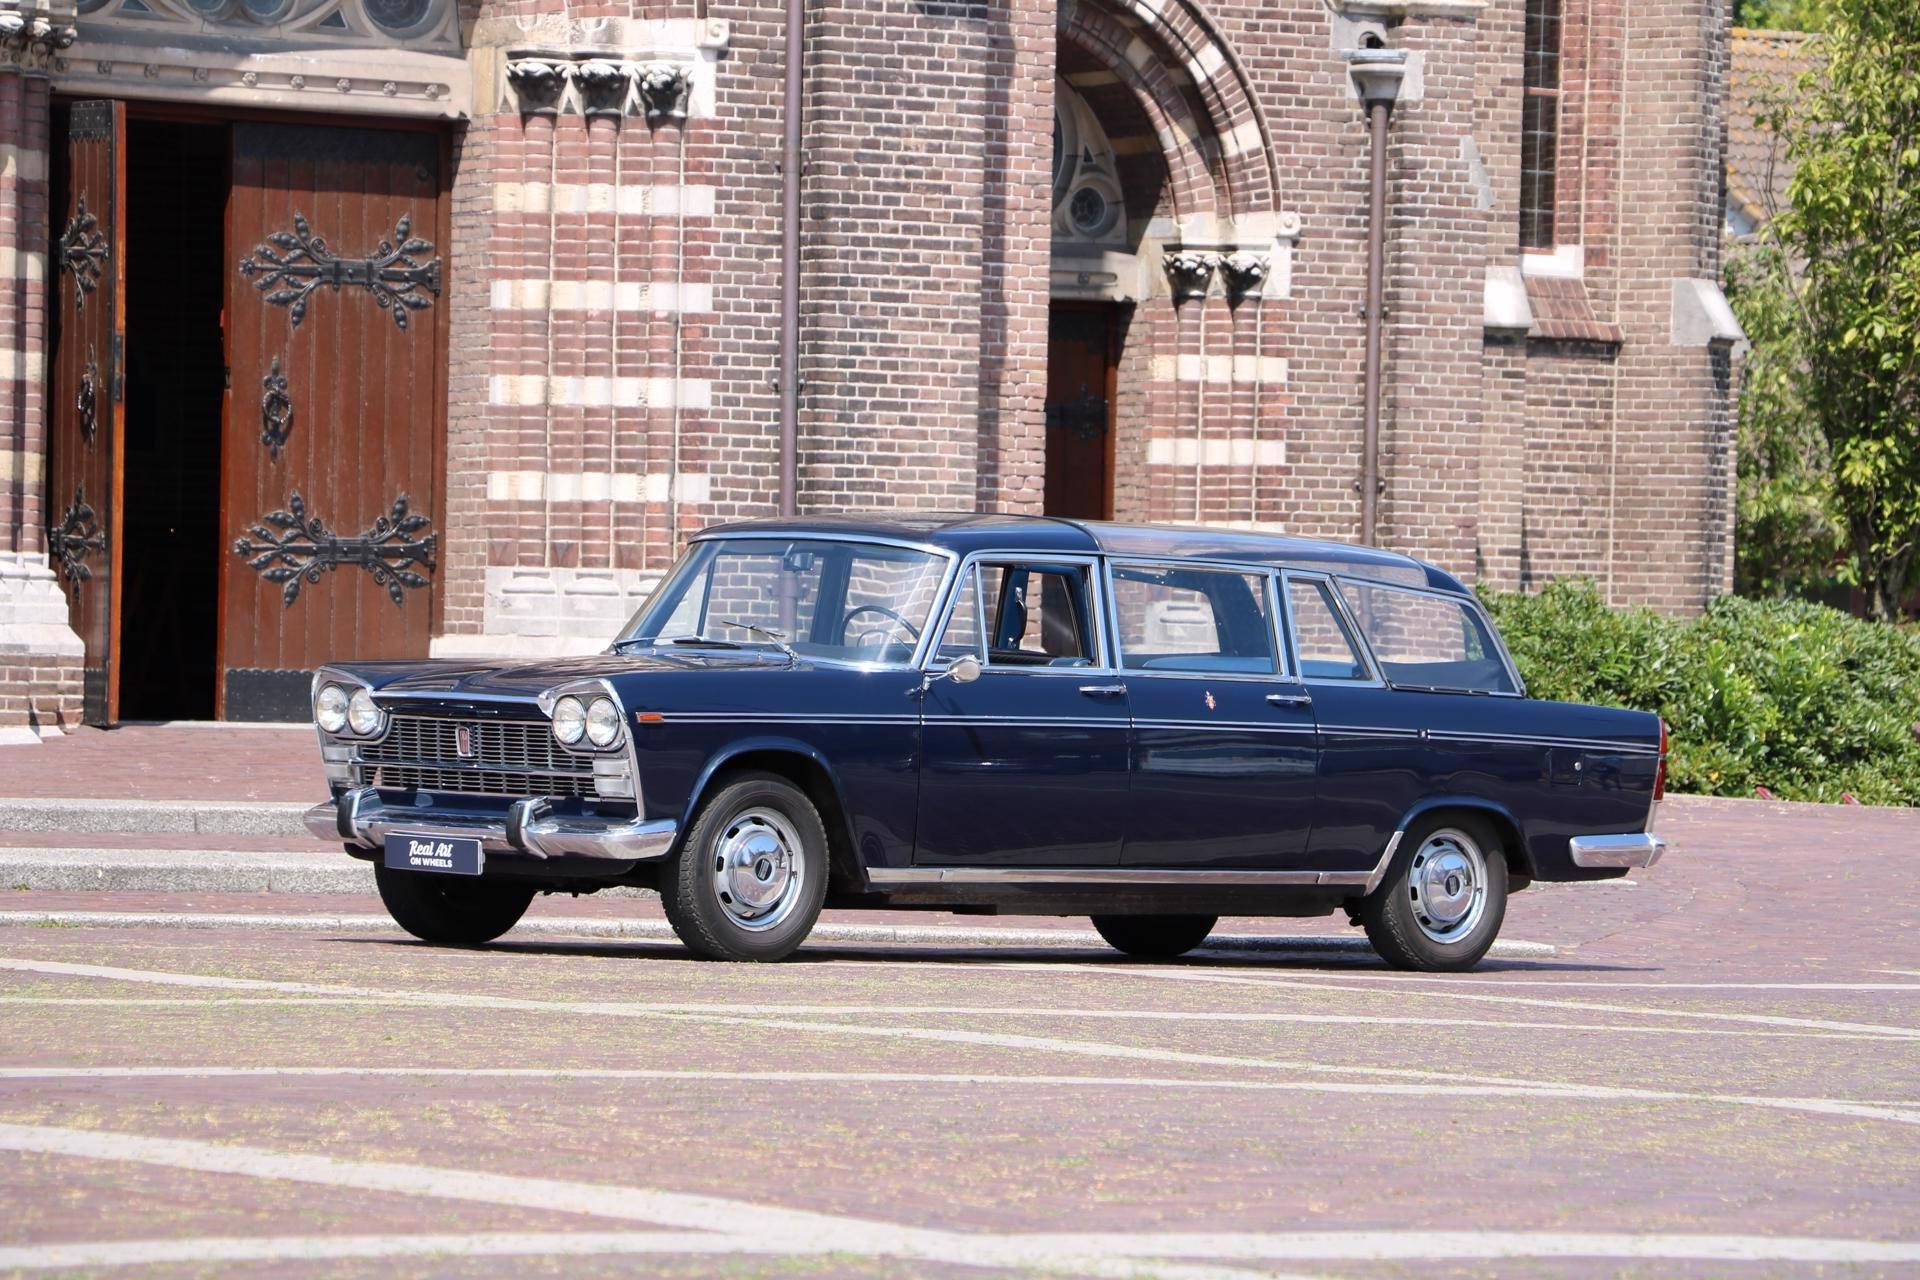 Real Art on Wheels | Fiat 2300 Presidenziale Landaulette